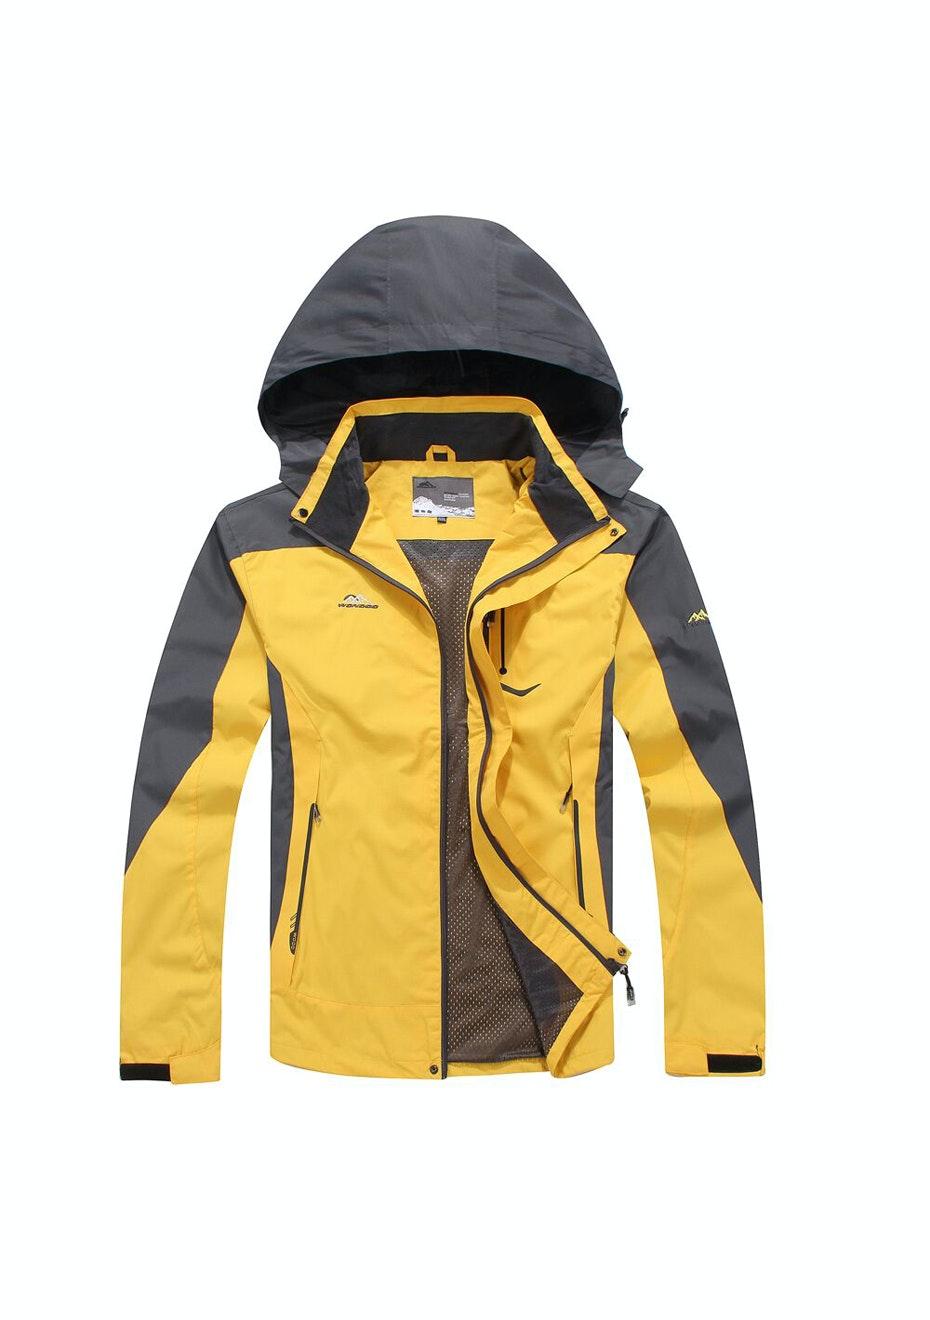 Men 2-in-1 WaterProof Jackets - Yellow